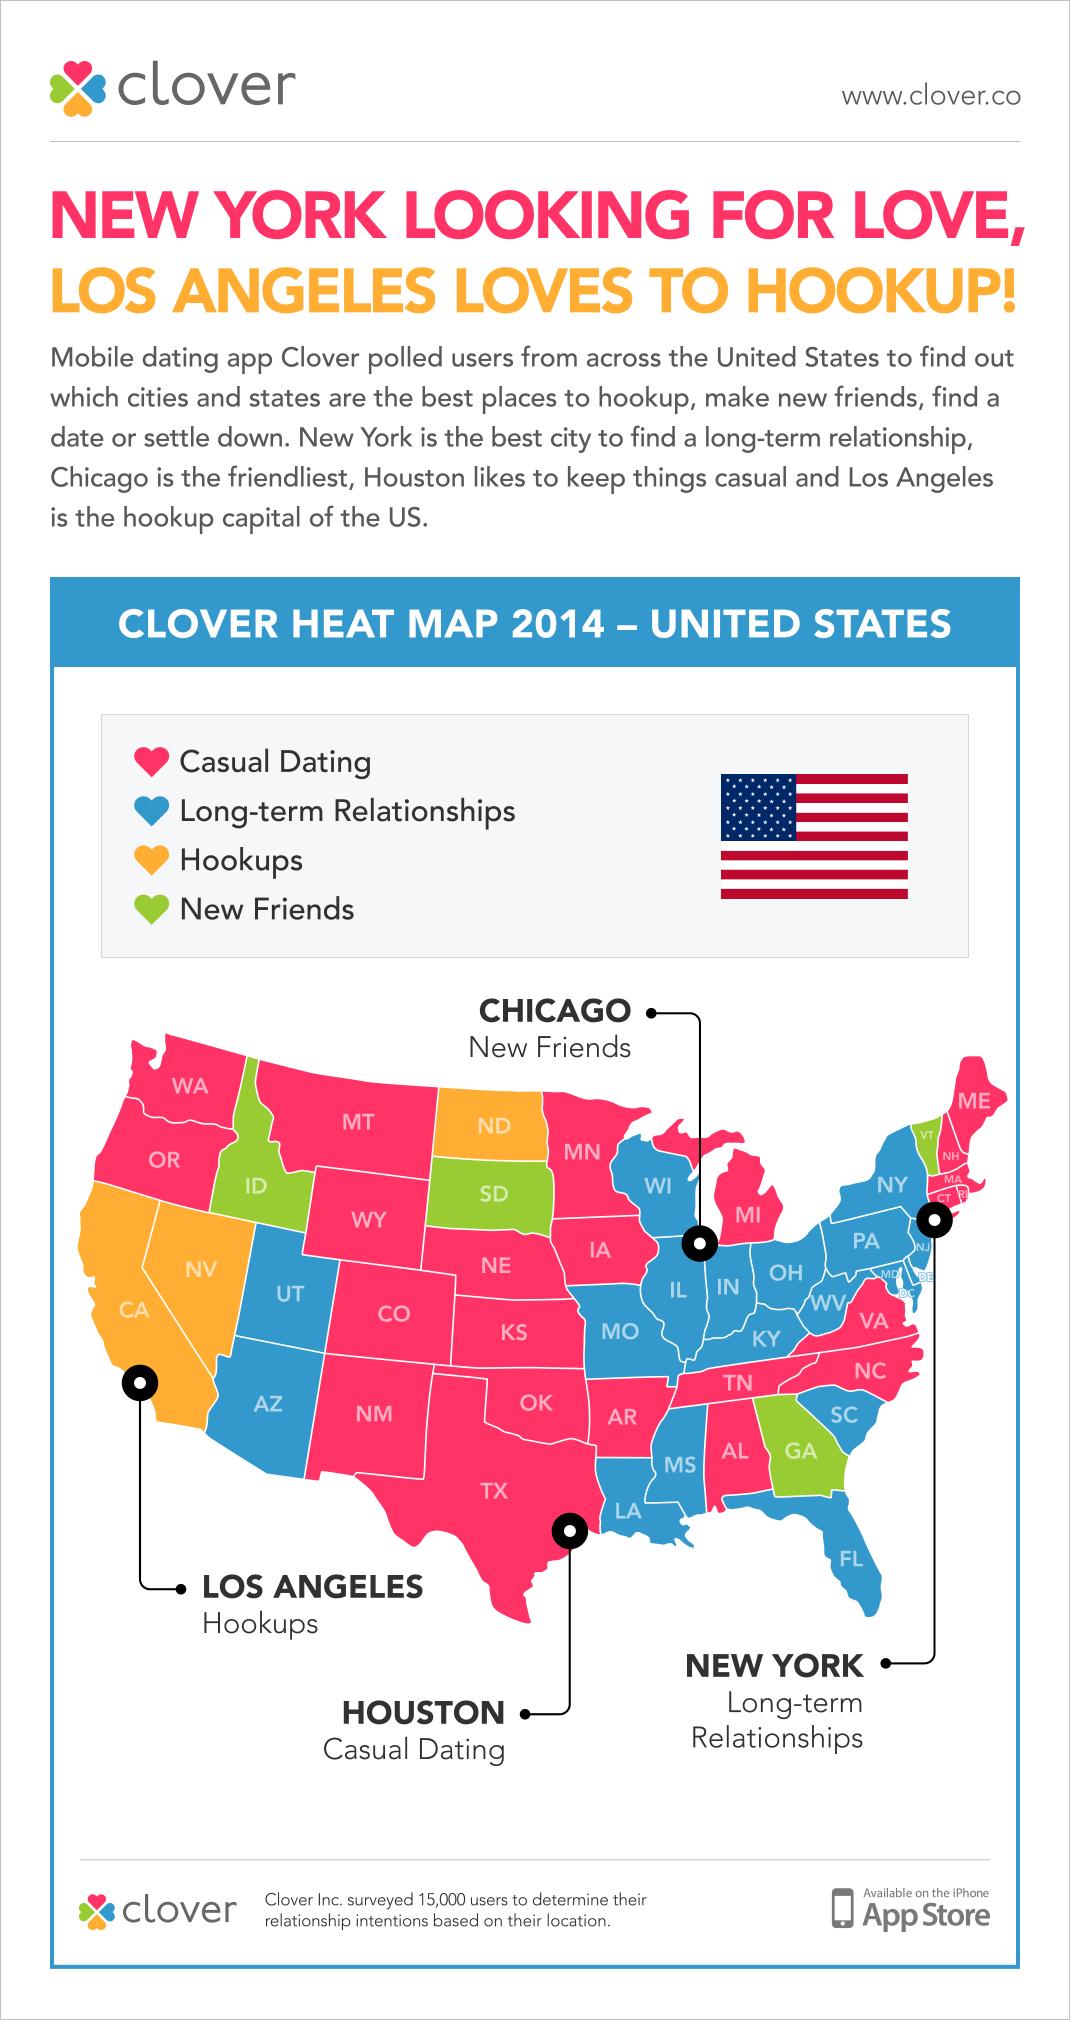 CloverHeatMap2014-US